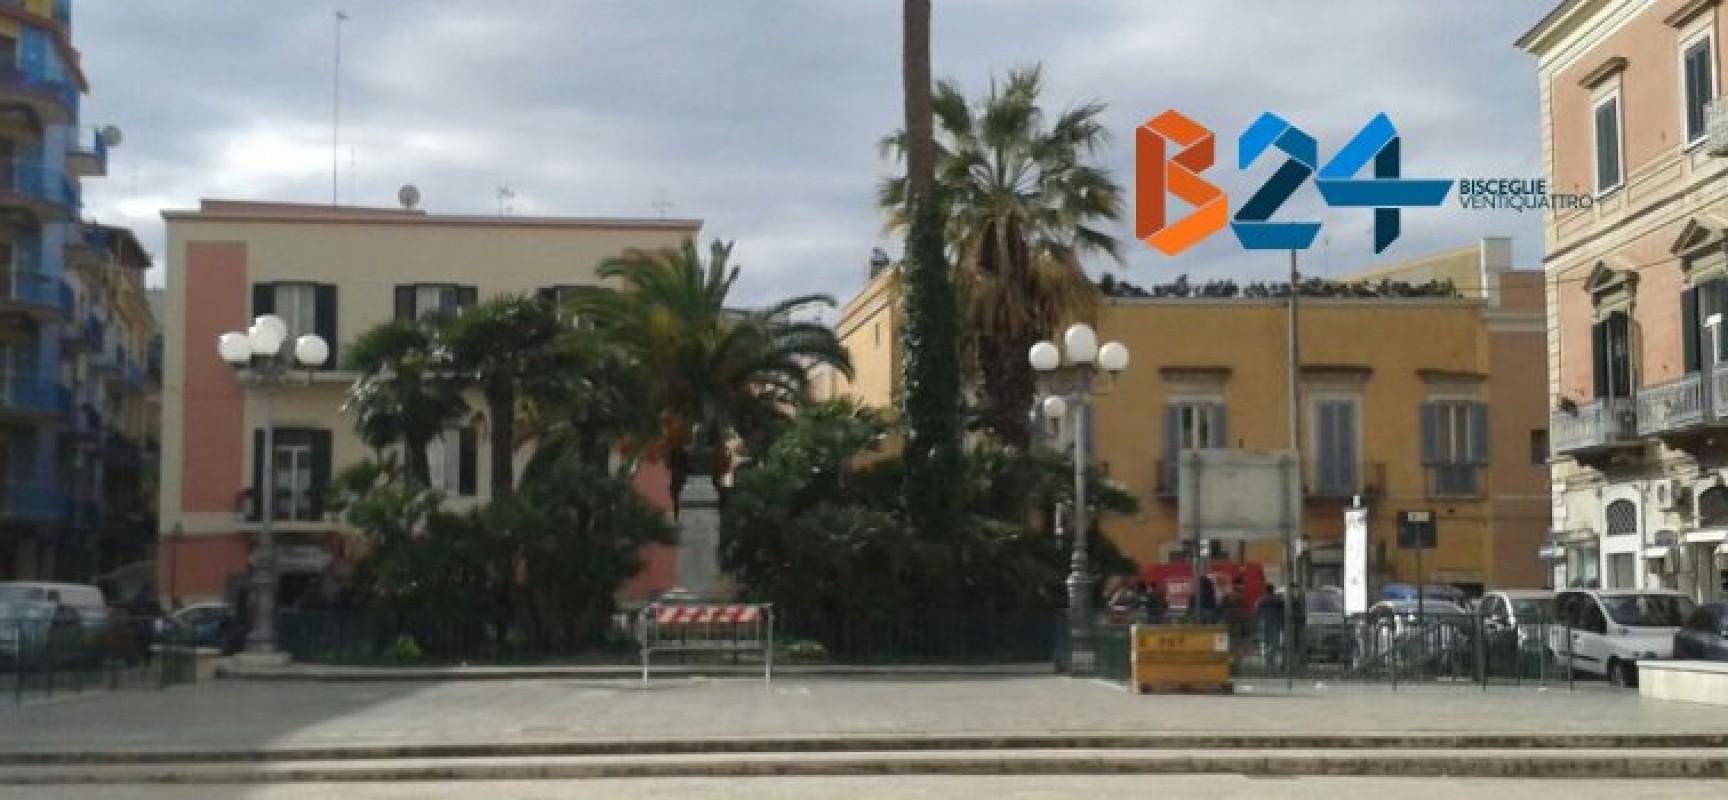 Gal, approvati progetti di riqualificazione Piazza Regina Margherita e Corso Umberto